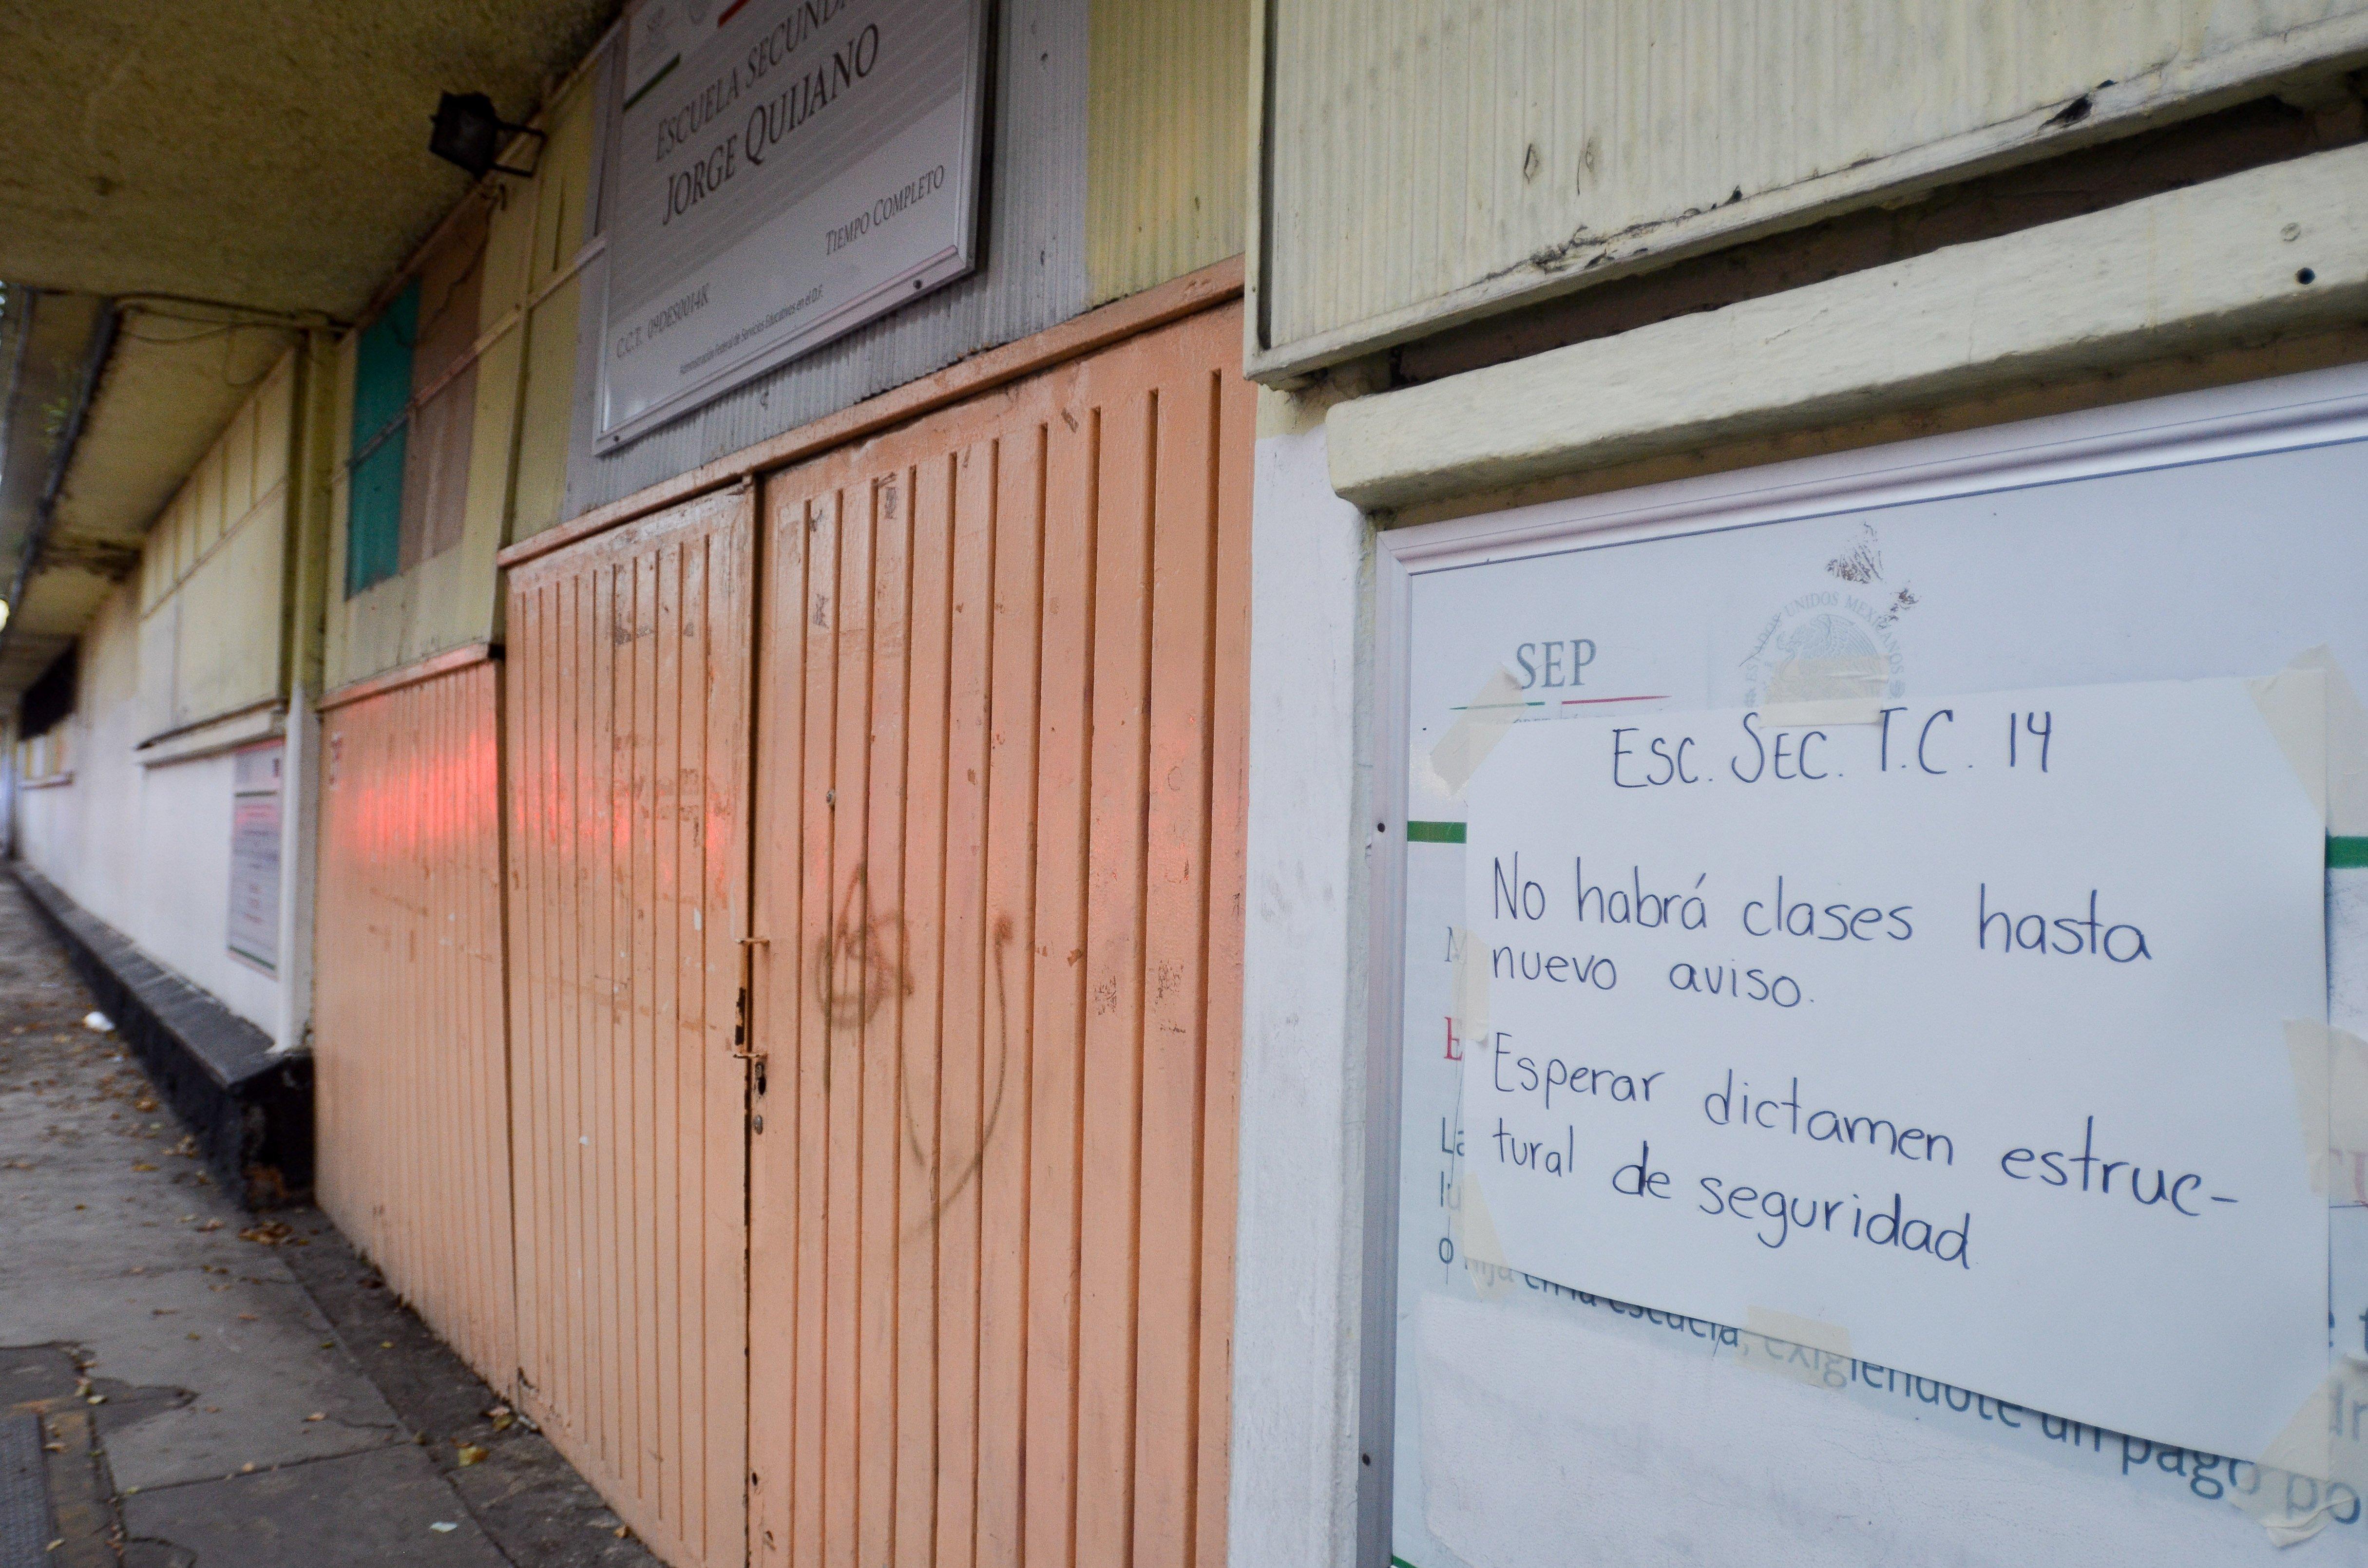 Mañana podrán regresar a clases en Benito Juárez, Tlalpan y Cuauhtémoc